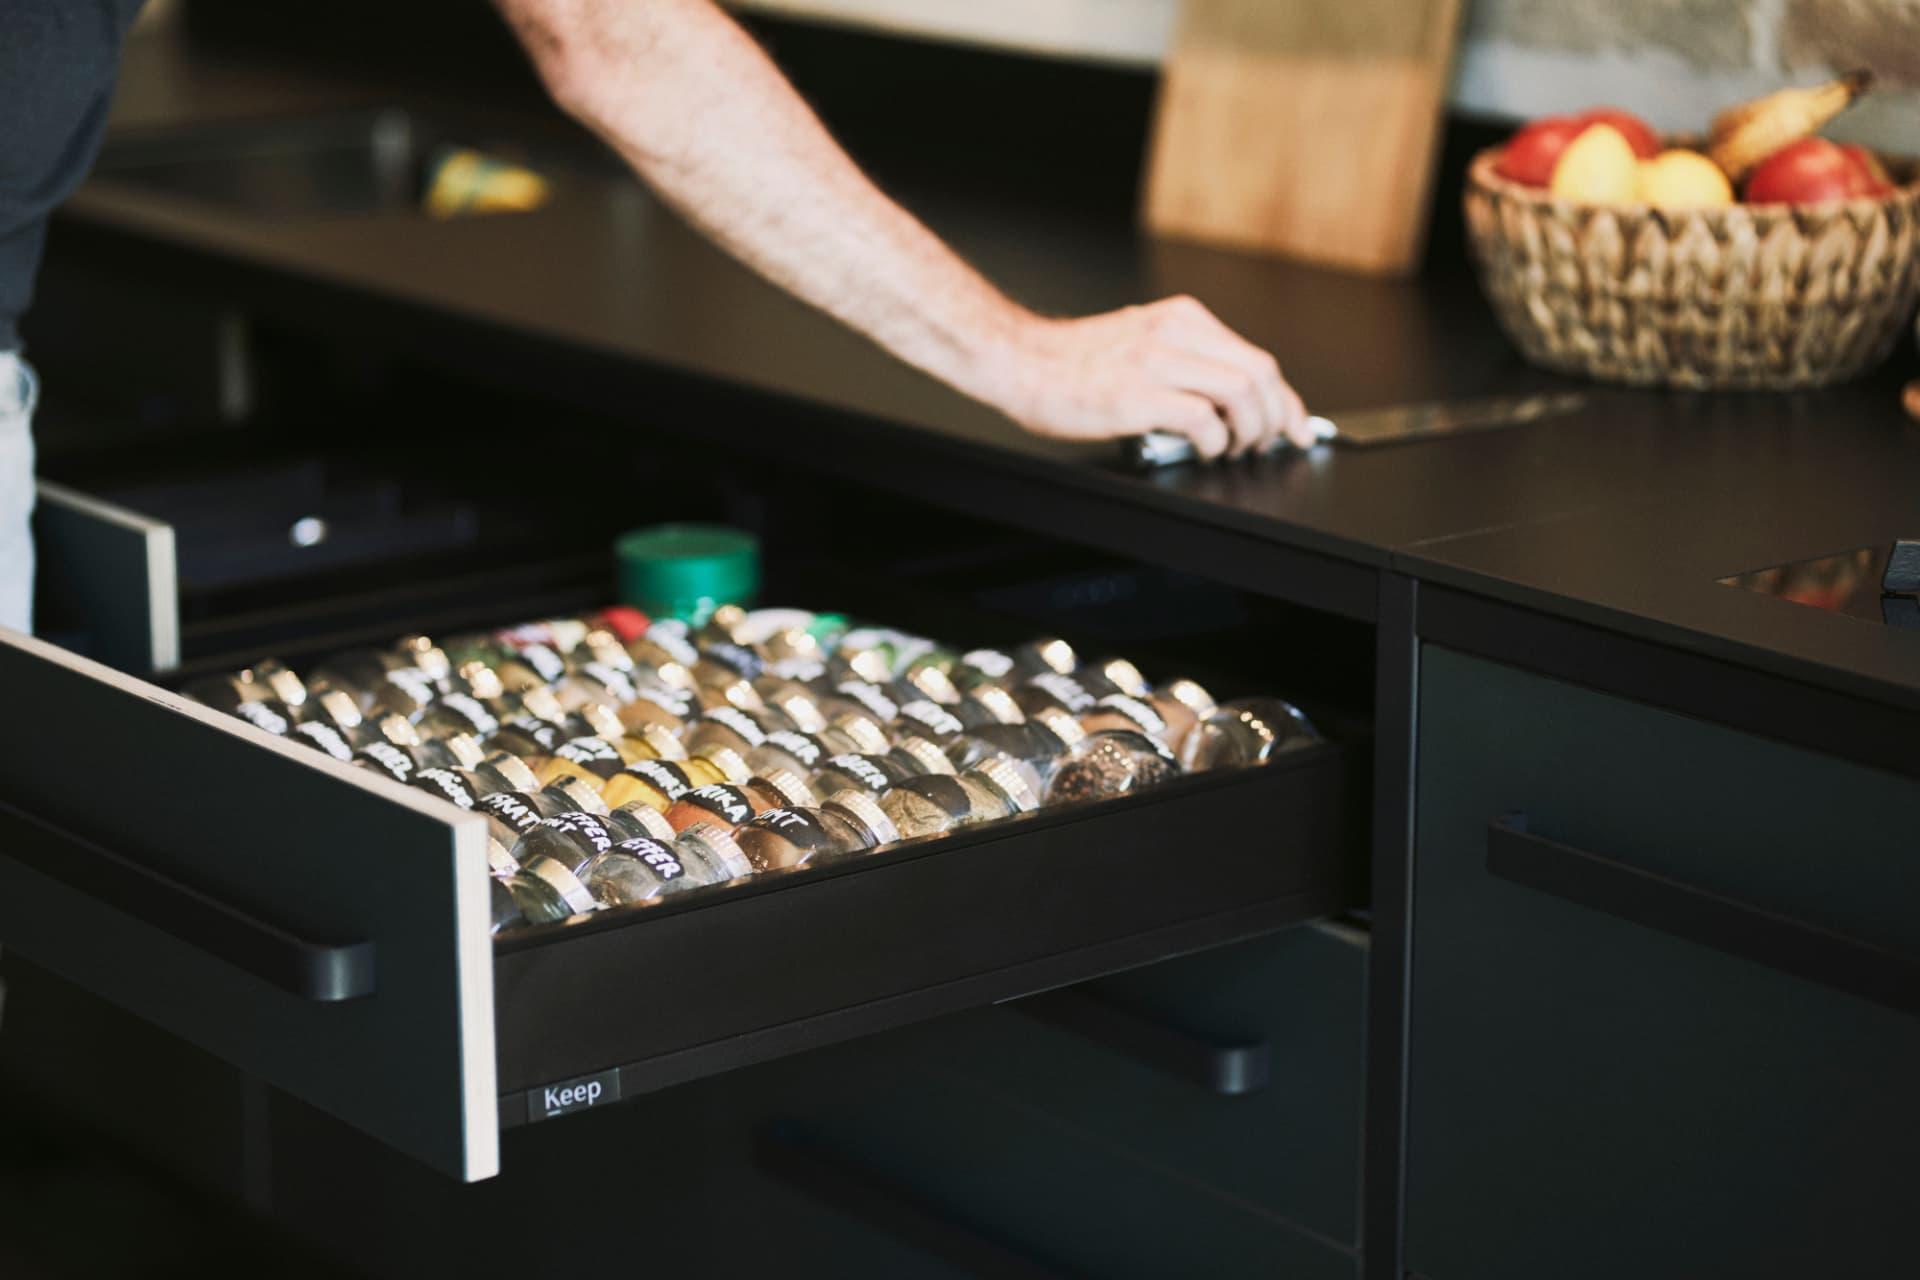 Gewürzlade-keep-Küche-Linoleum-Fronten